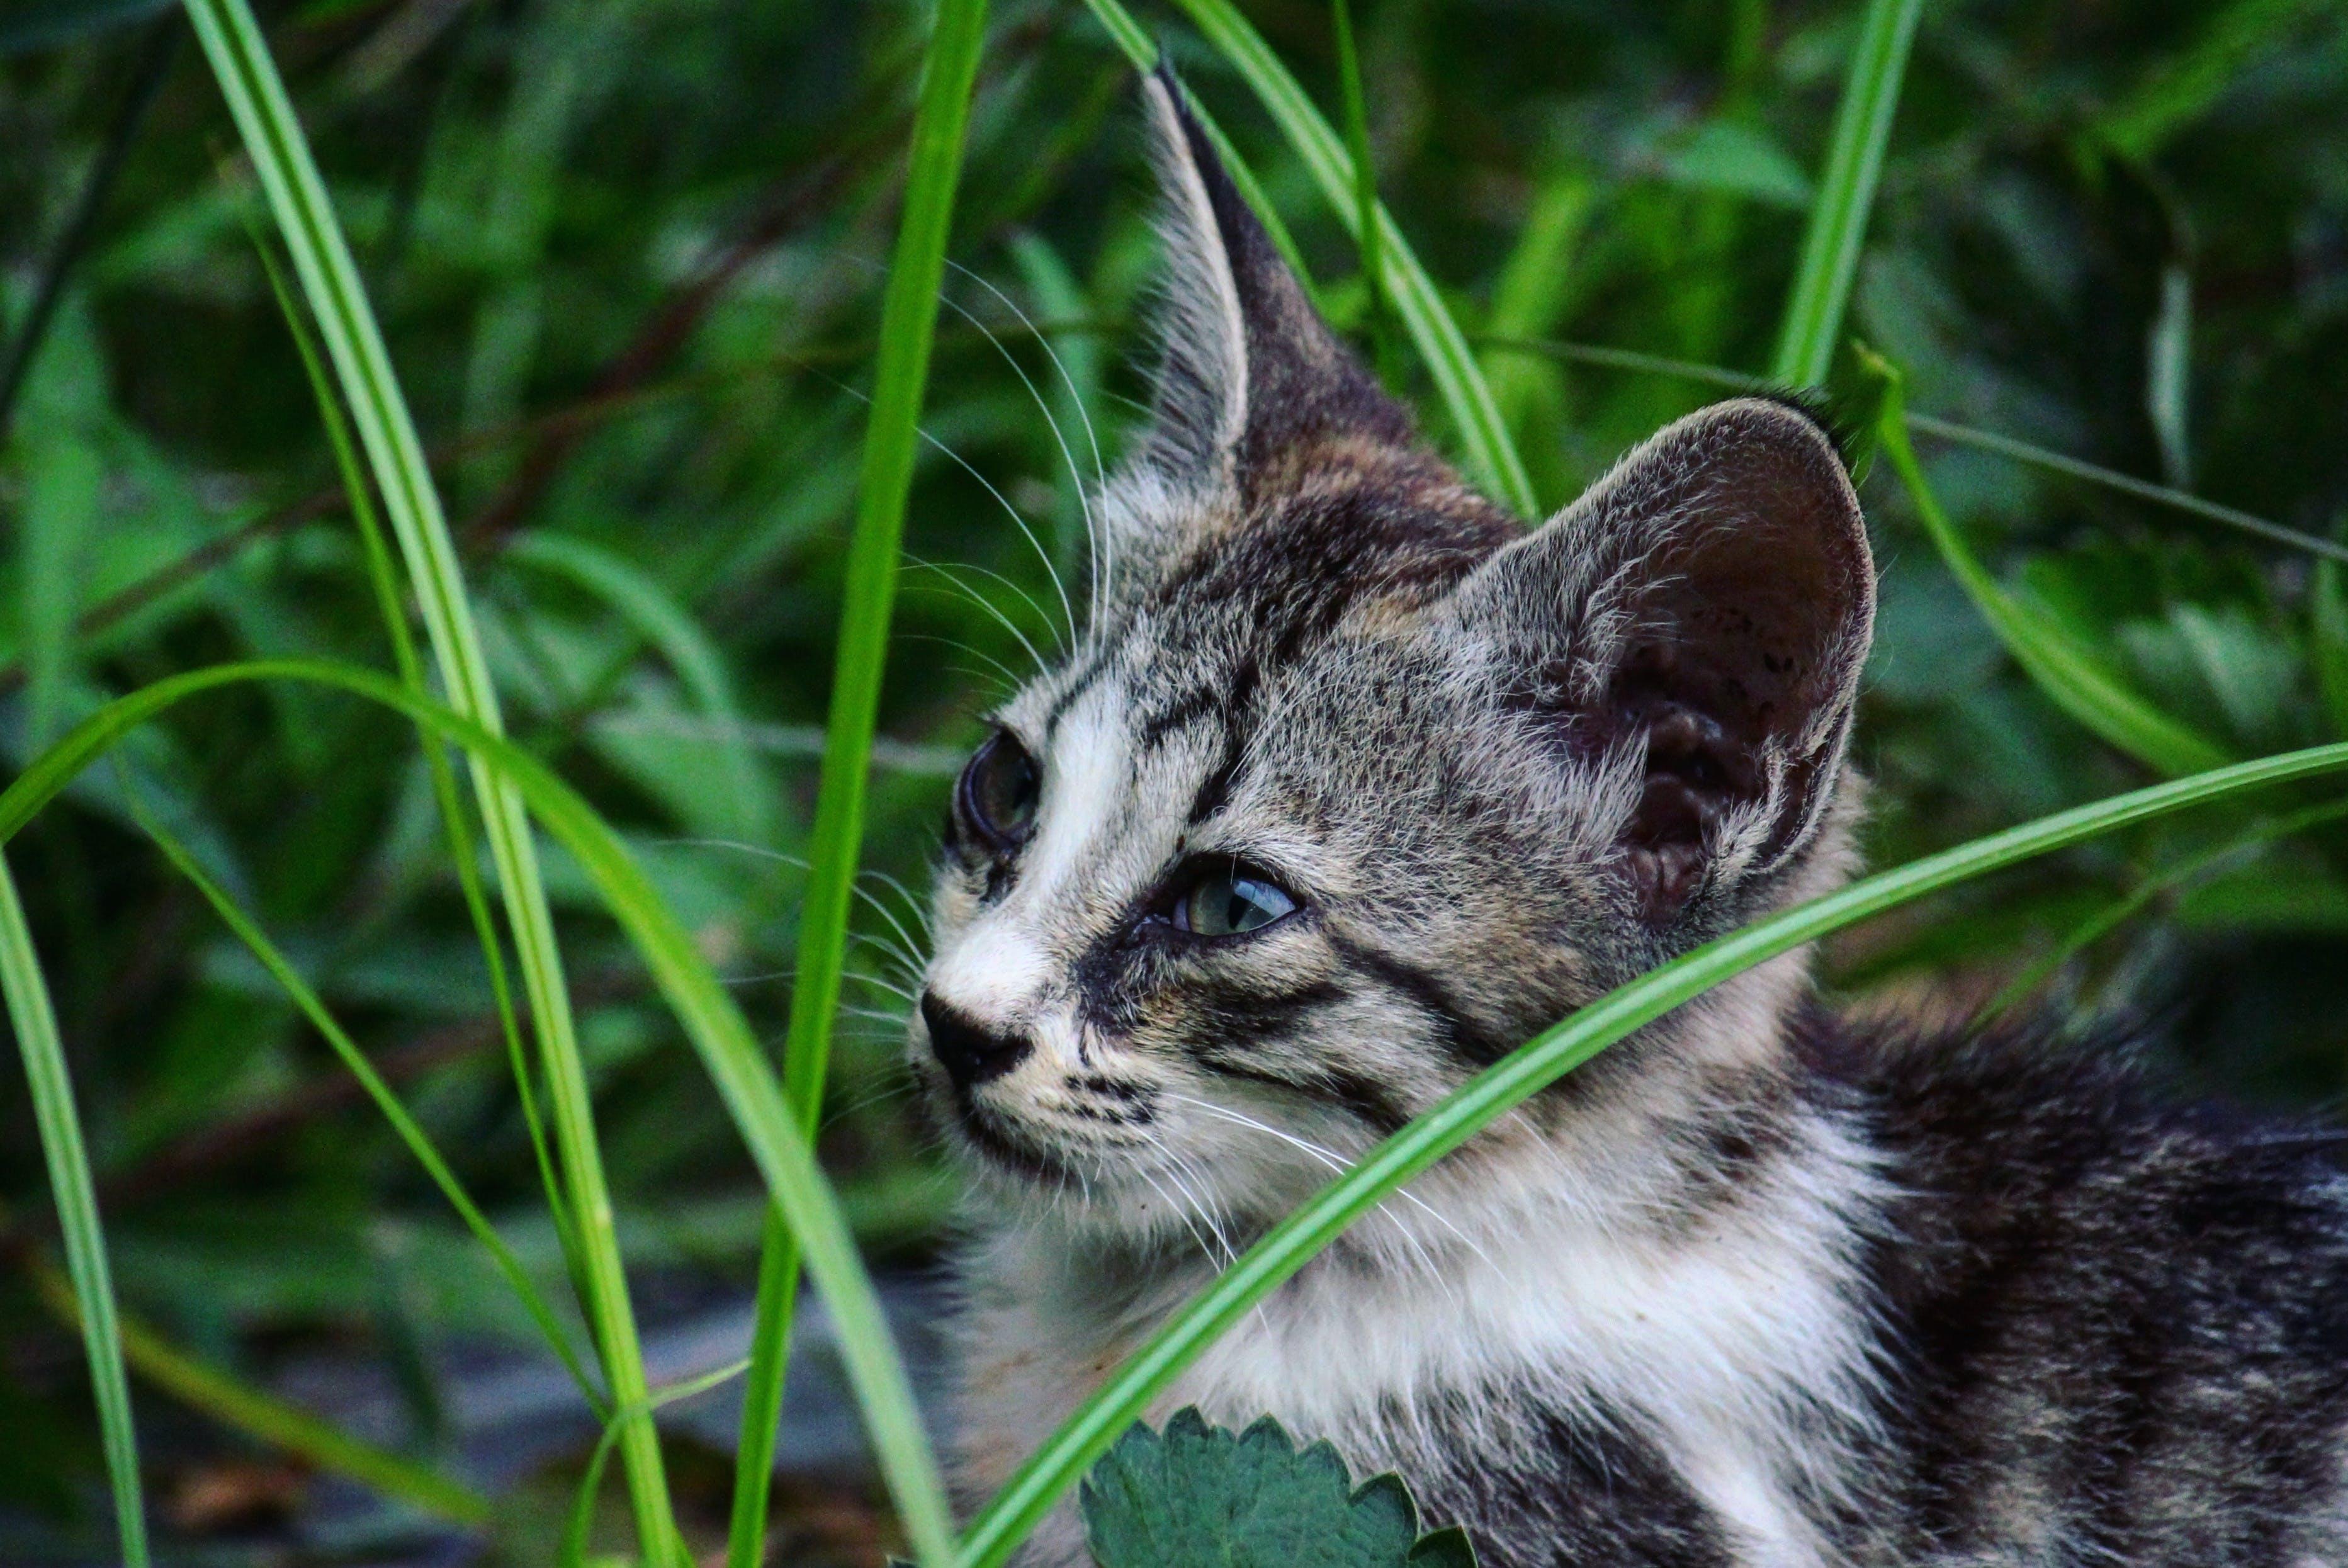 Gratis lagerfoto af close-up, dyr, dyreliv, græs